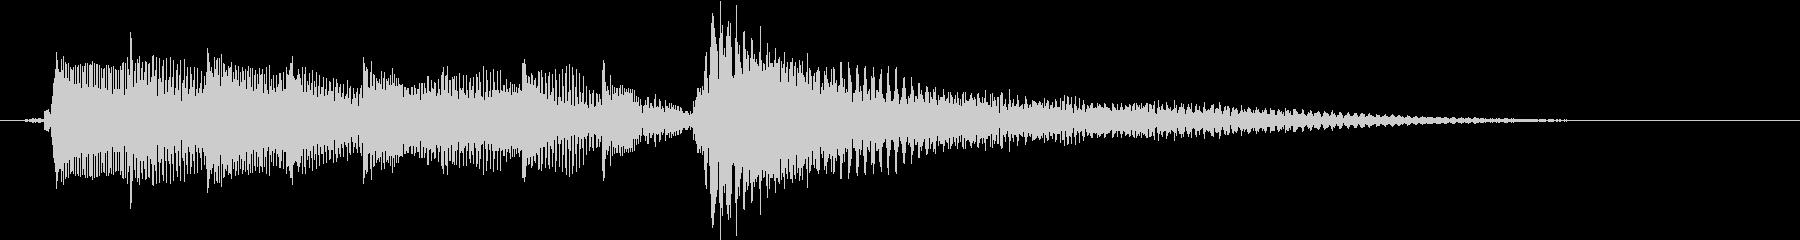 ゴスペル風なアコギサウンドロゴの未再生の波形